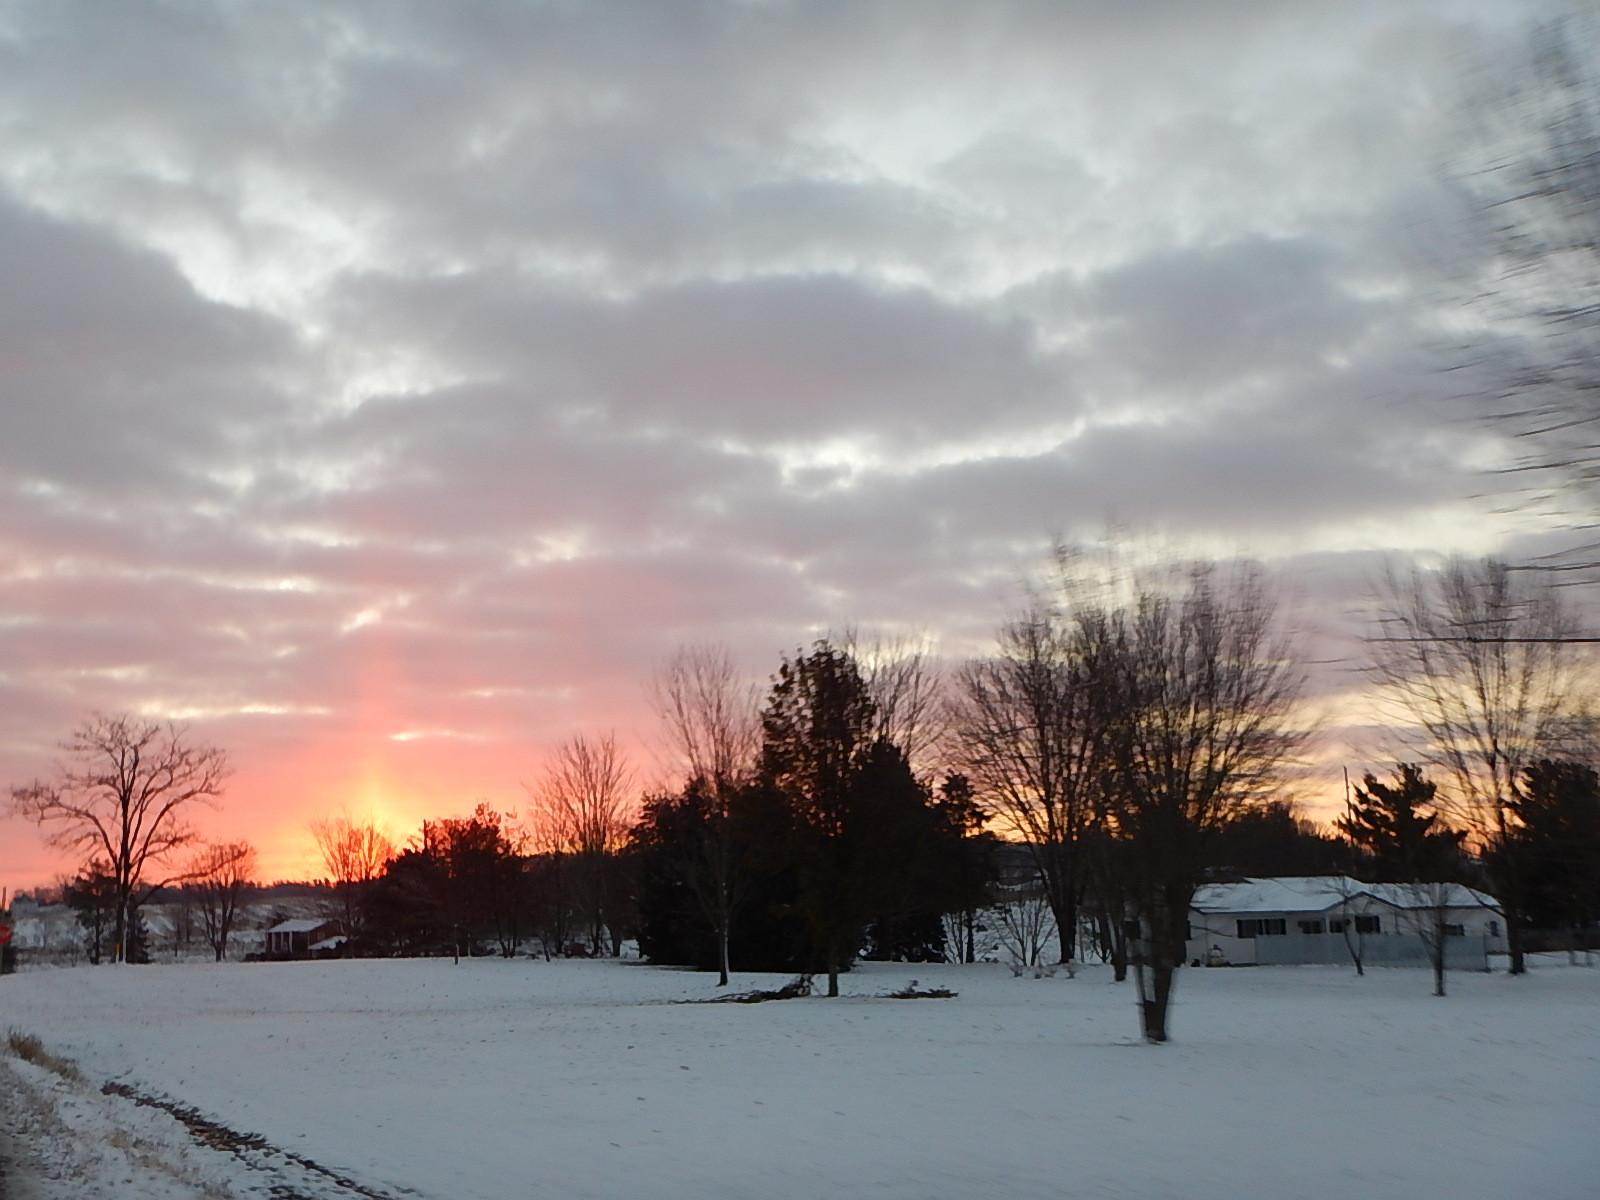 早起きして移動してたら 赤い朝日 と遭遇 初めて見ました!!